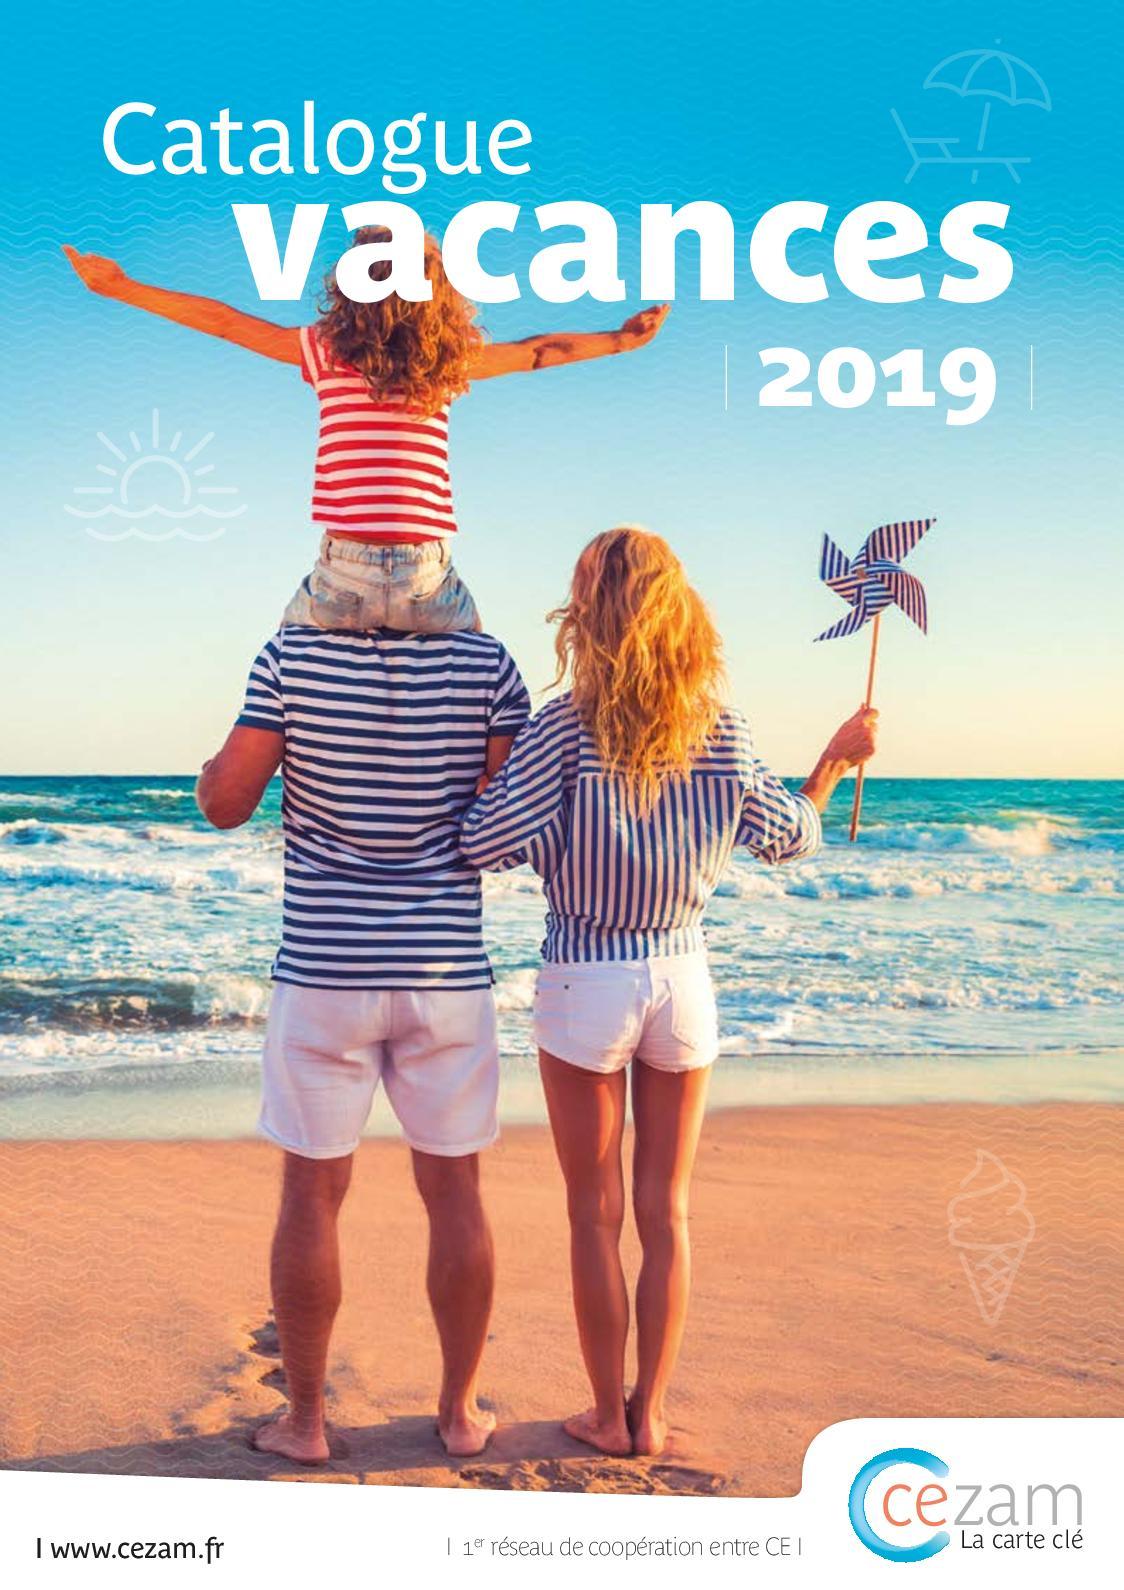 Carte Cezam Drome Ardeche.Calameo Catalogue Vacances Cezam 2019